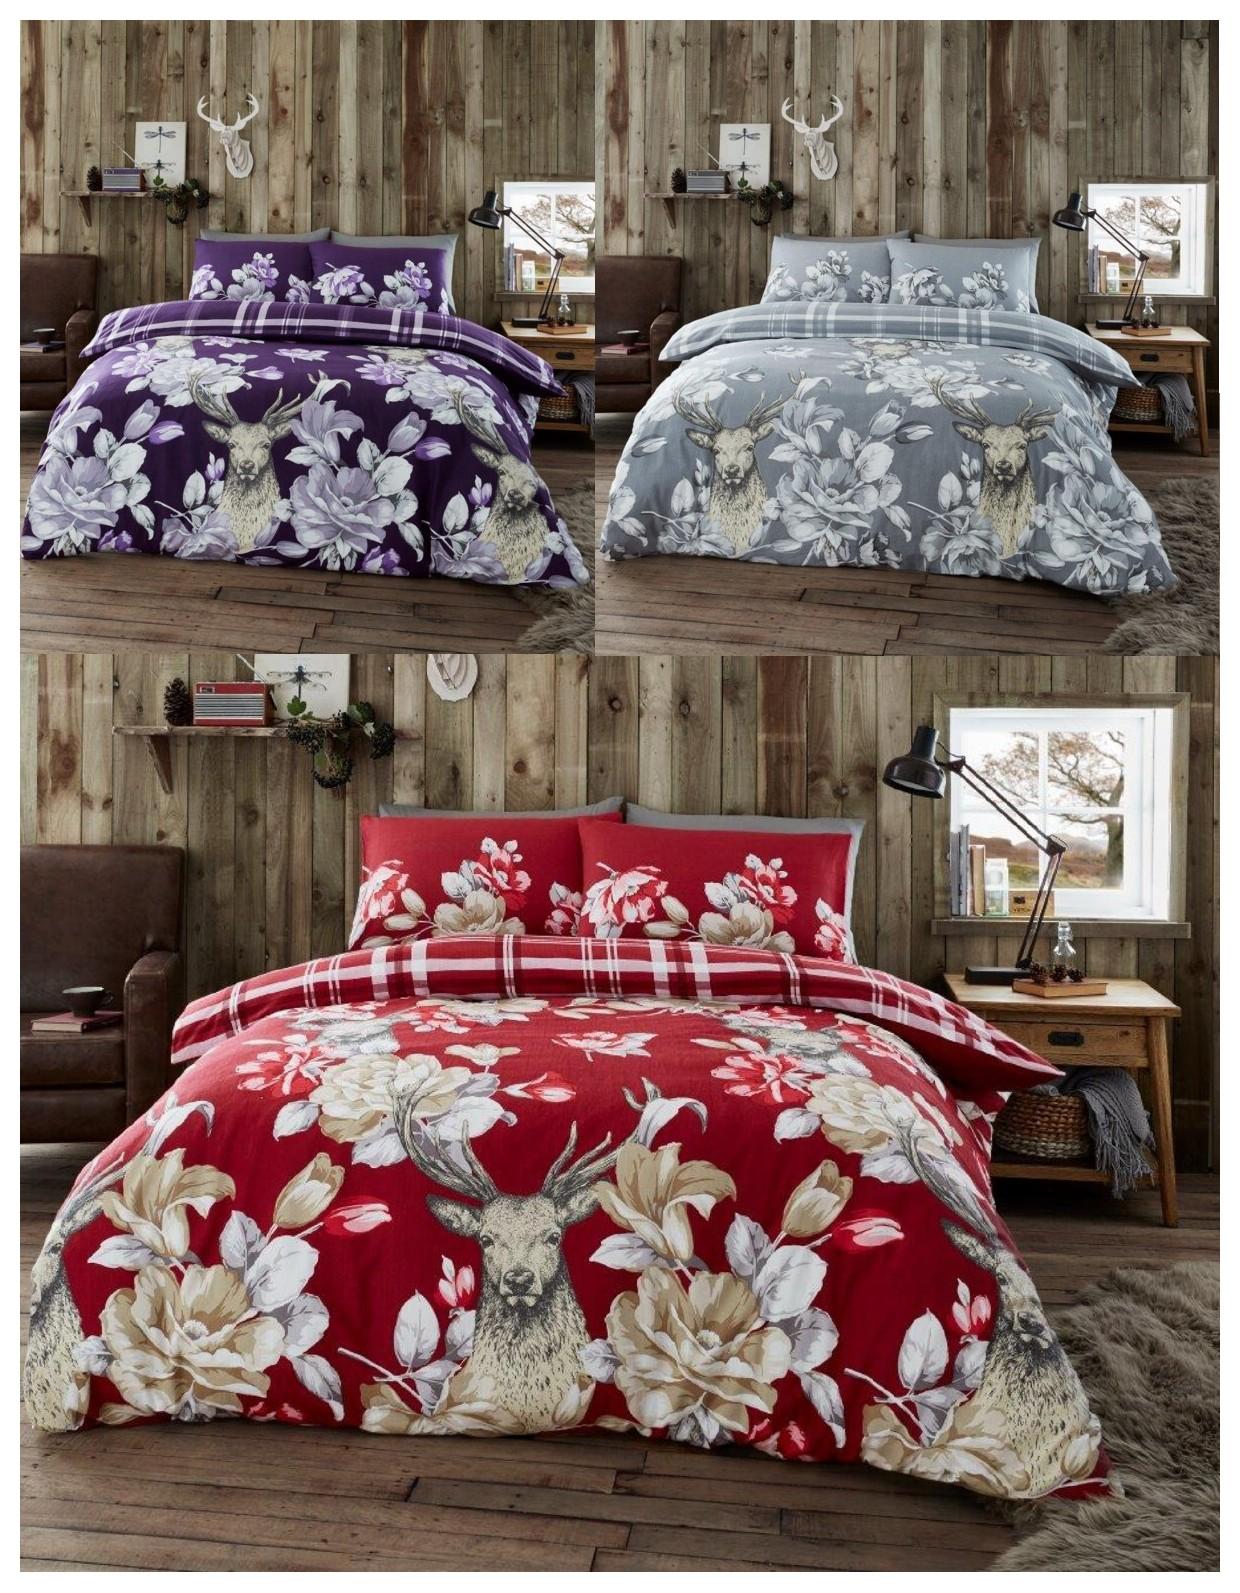 laura stag flannelette duvet cover brushed cotton. Black Bedroom Furniture Sets. Home Design Ideas